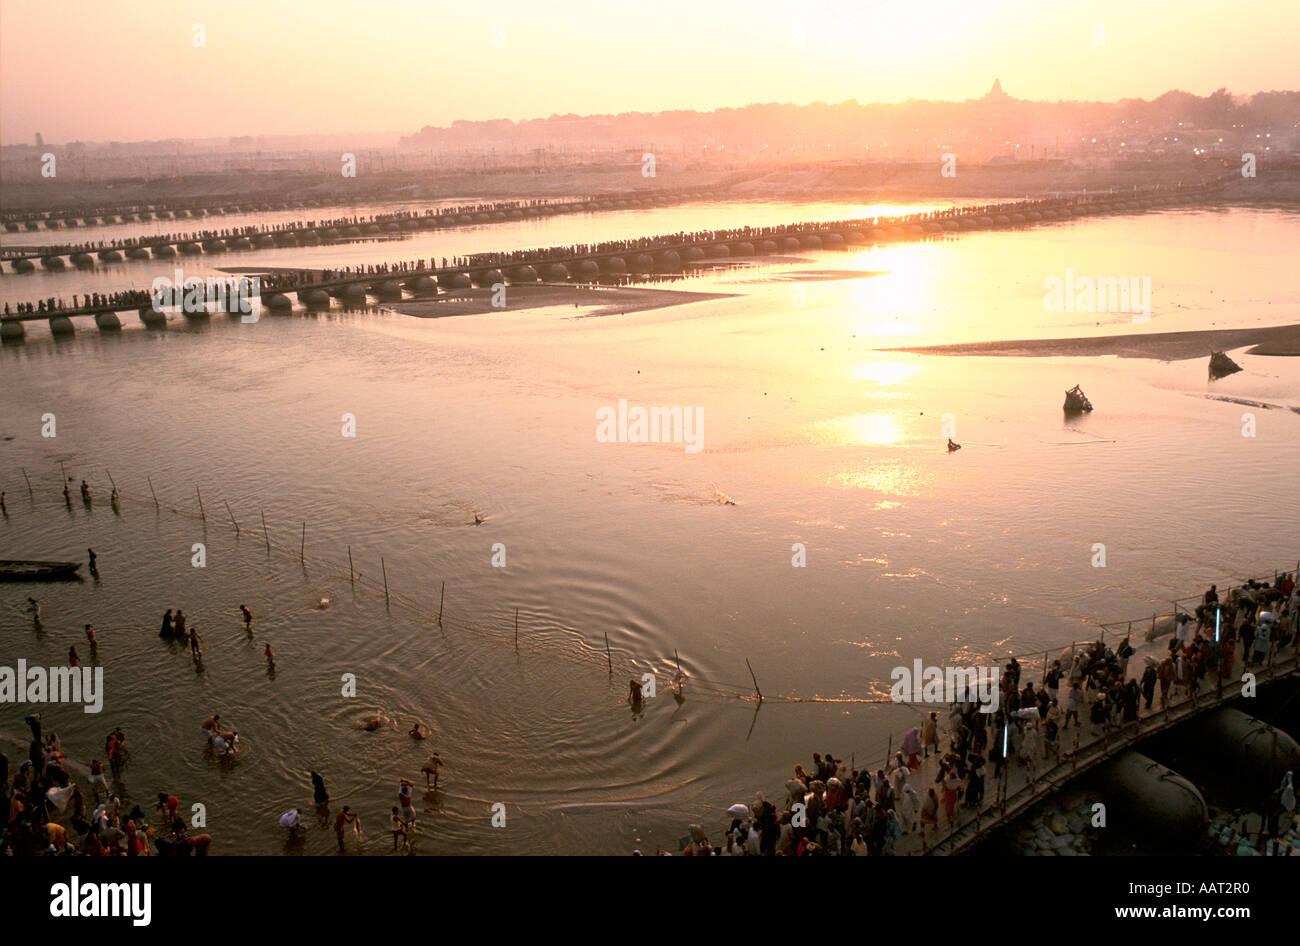 KUMBH MELA INDIA 2001 COMO EL SOL SOBRE ALLAHABAD Muchos peregrinos se bañan y rezar en las aguas del Ganges 2001 Imagen De Stock